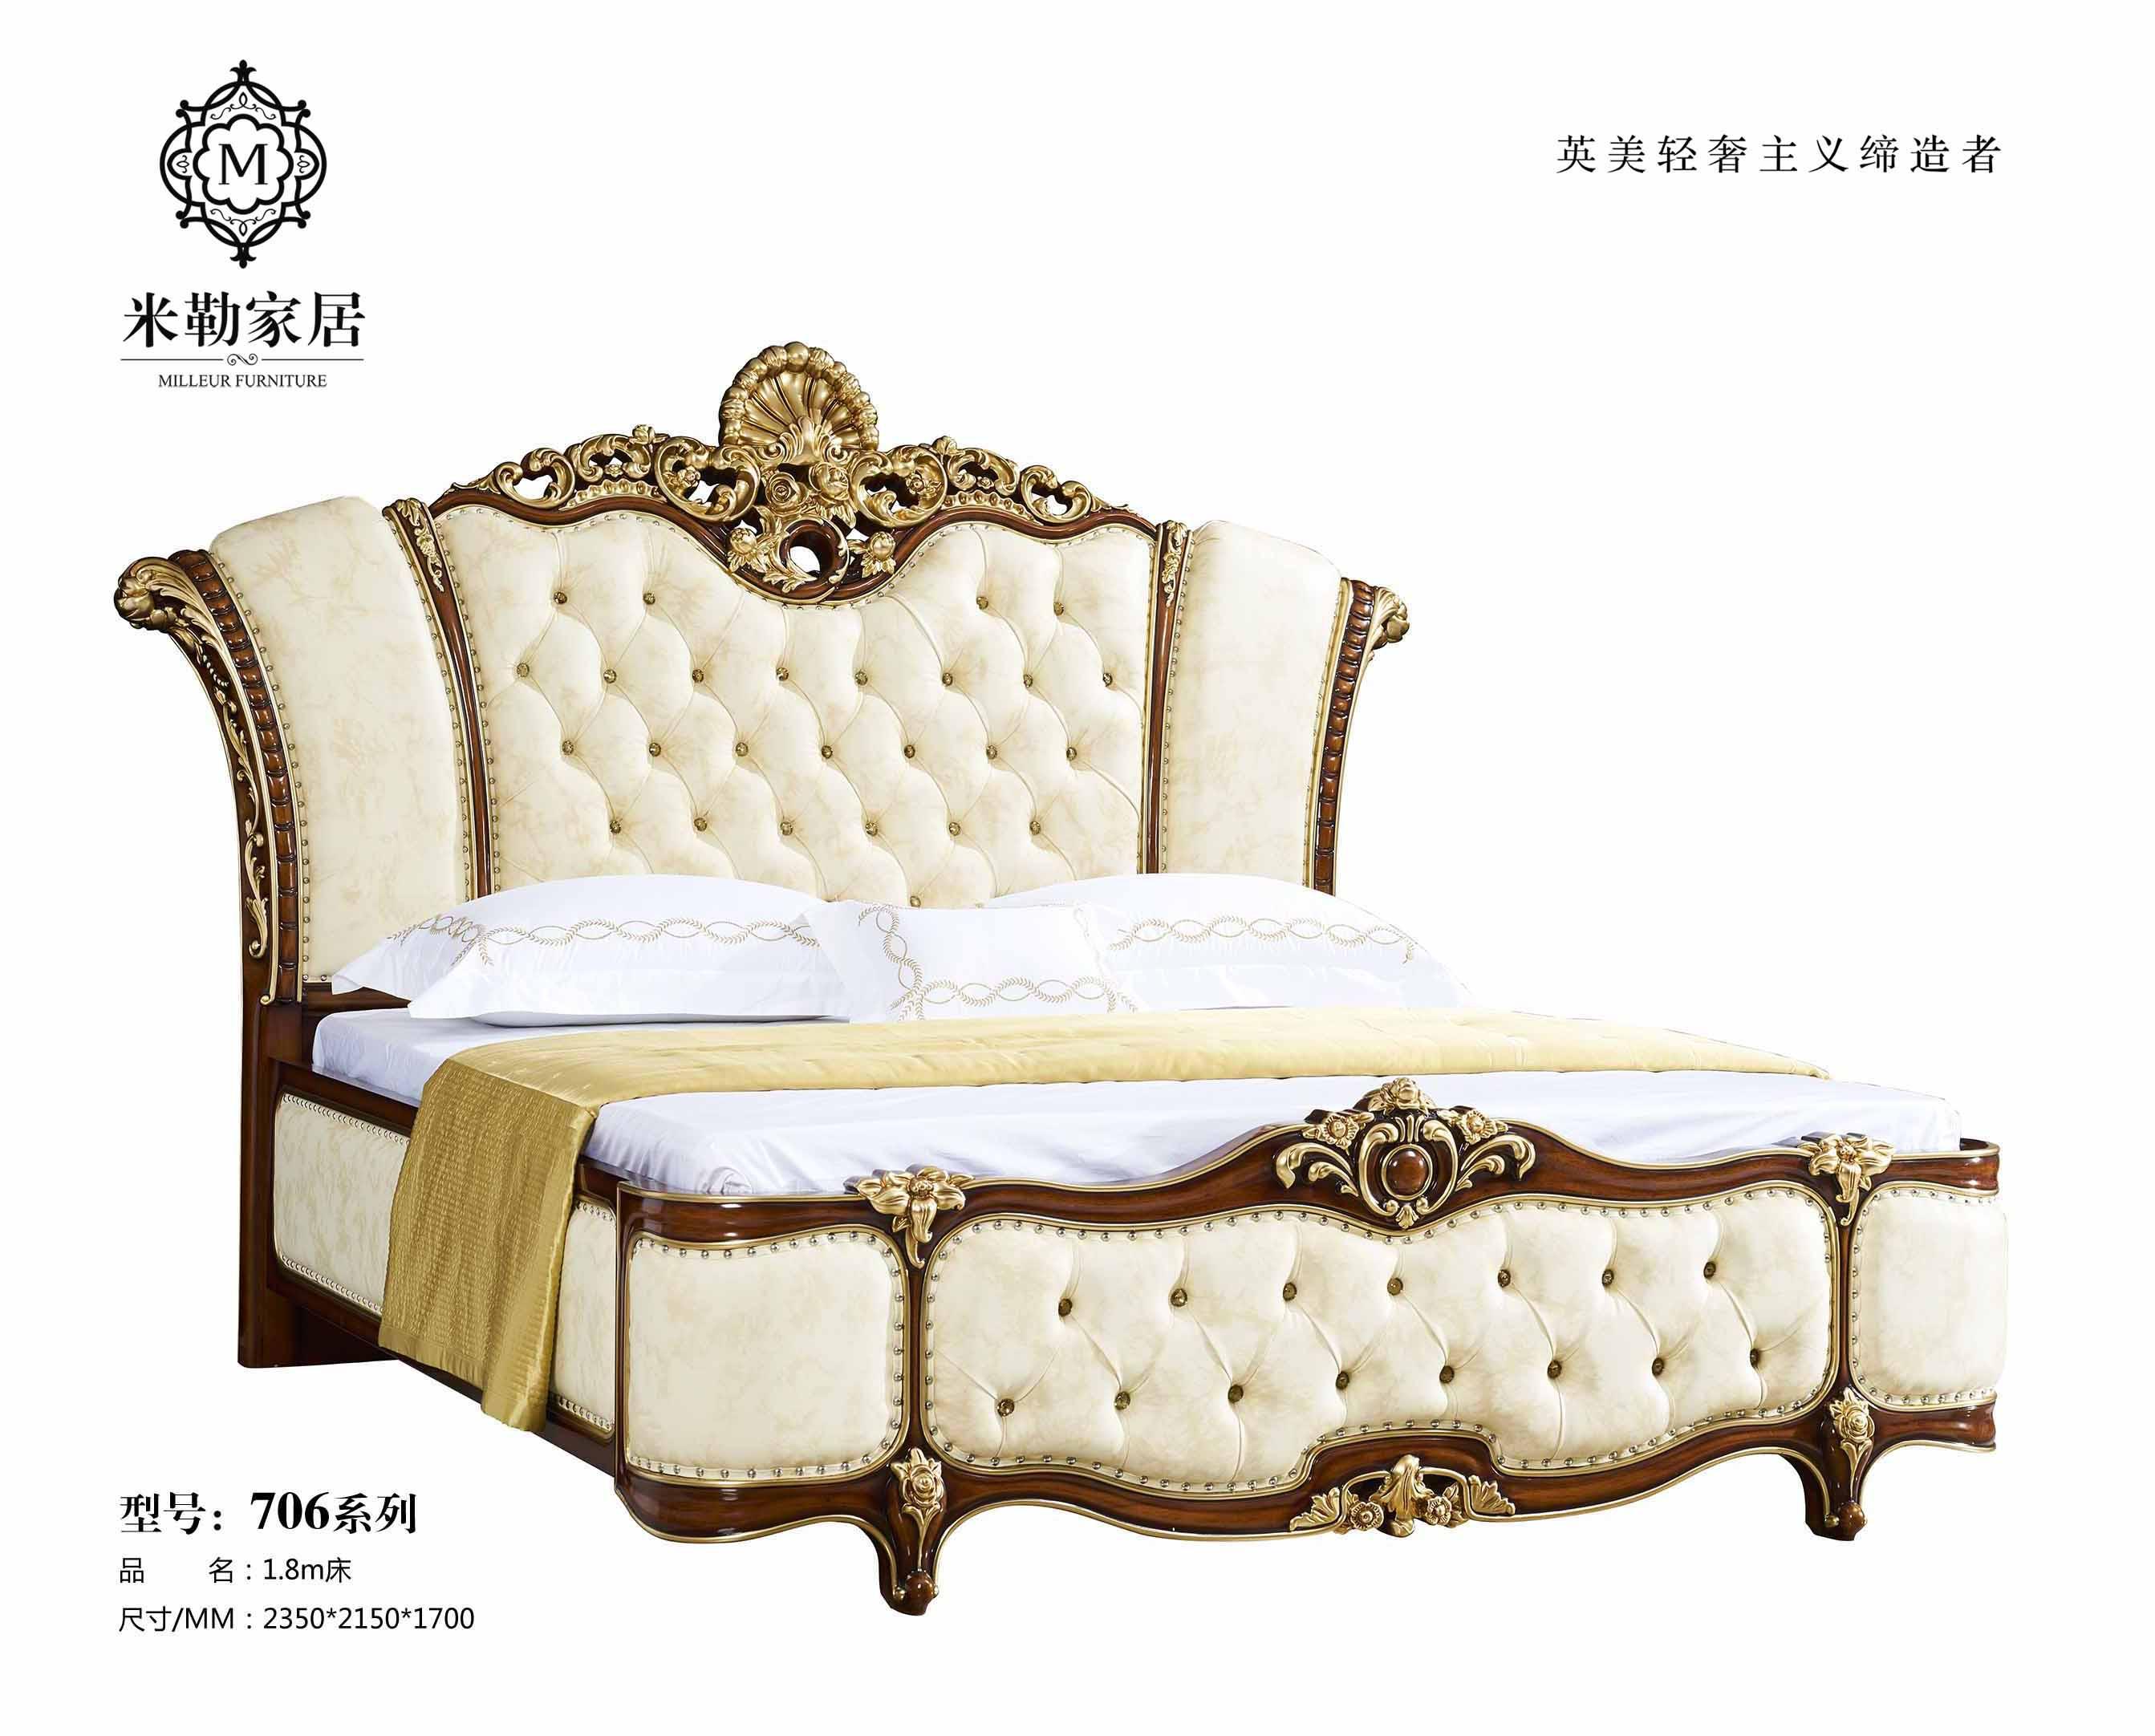 欧式意大利手法式双人床|香槟金大床